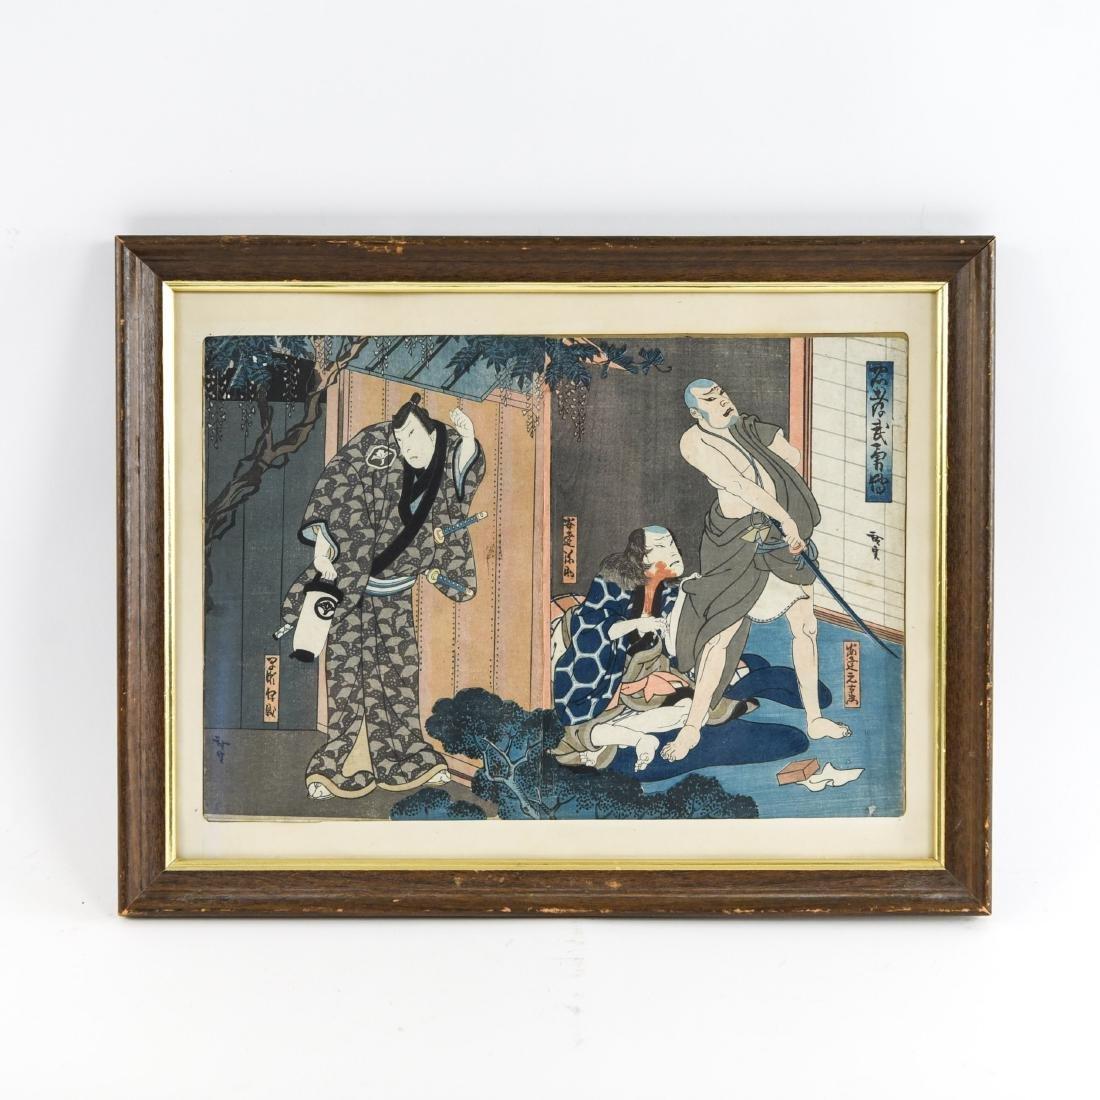 HIROSADA (JAPANESE 1819-1865) WOODBLOCK PRINT